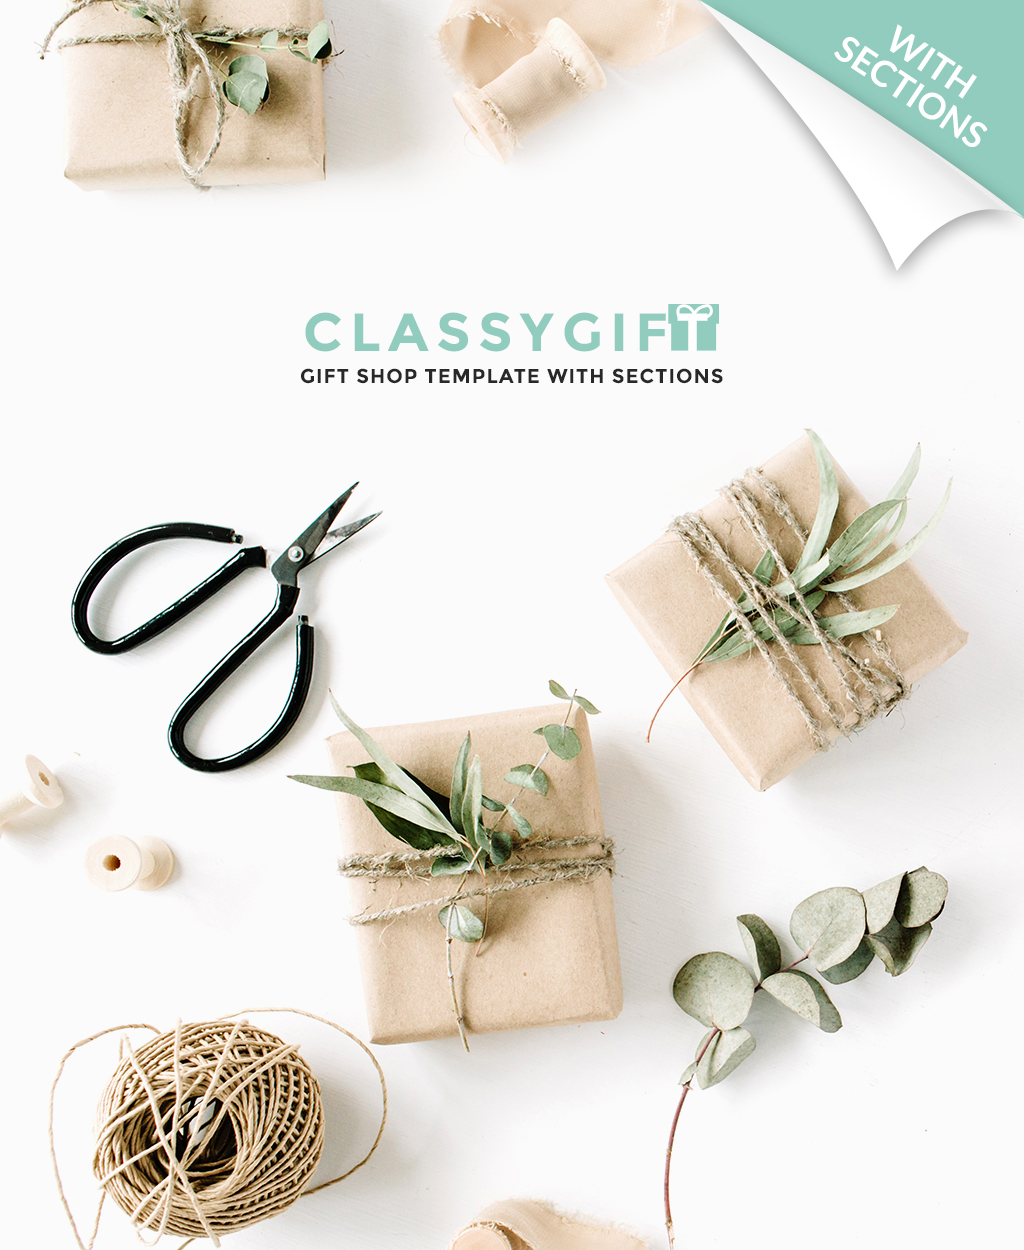 Thème Shopify adaptatif pour boutique de cadeaux #64401 - screenshot